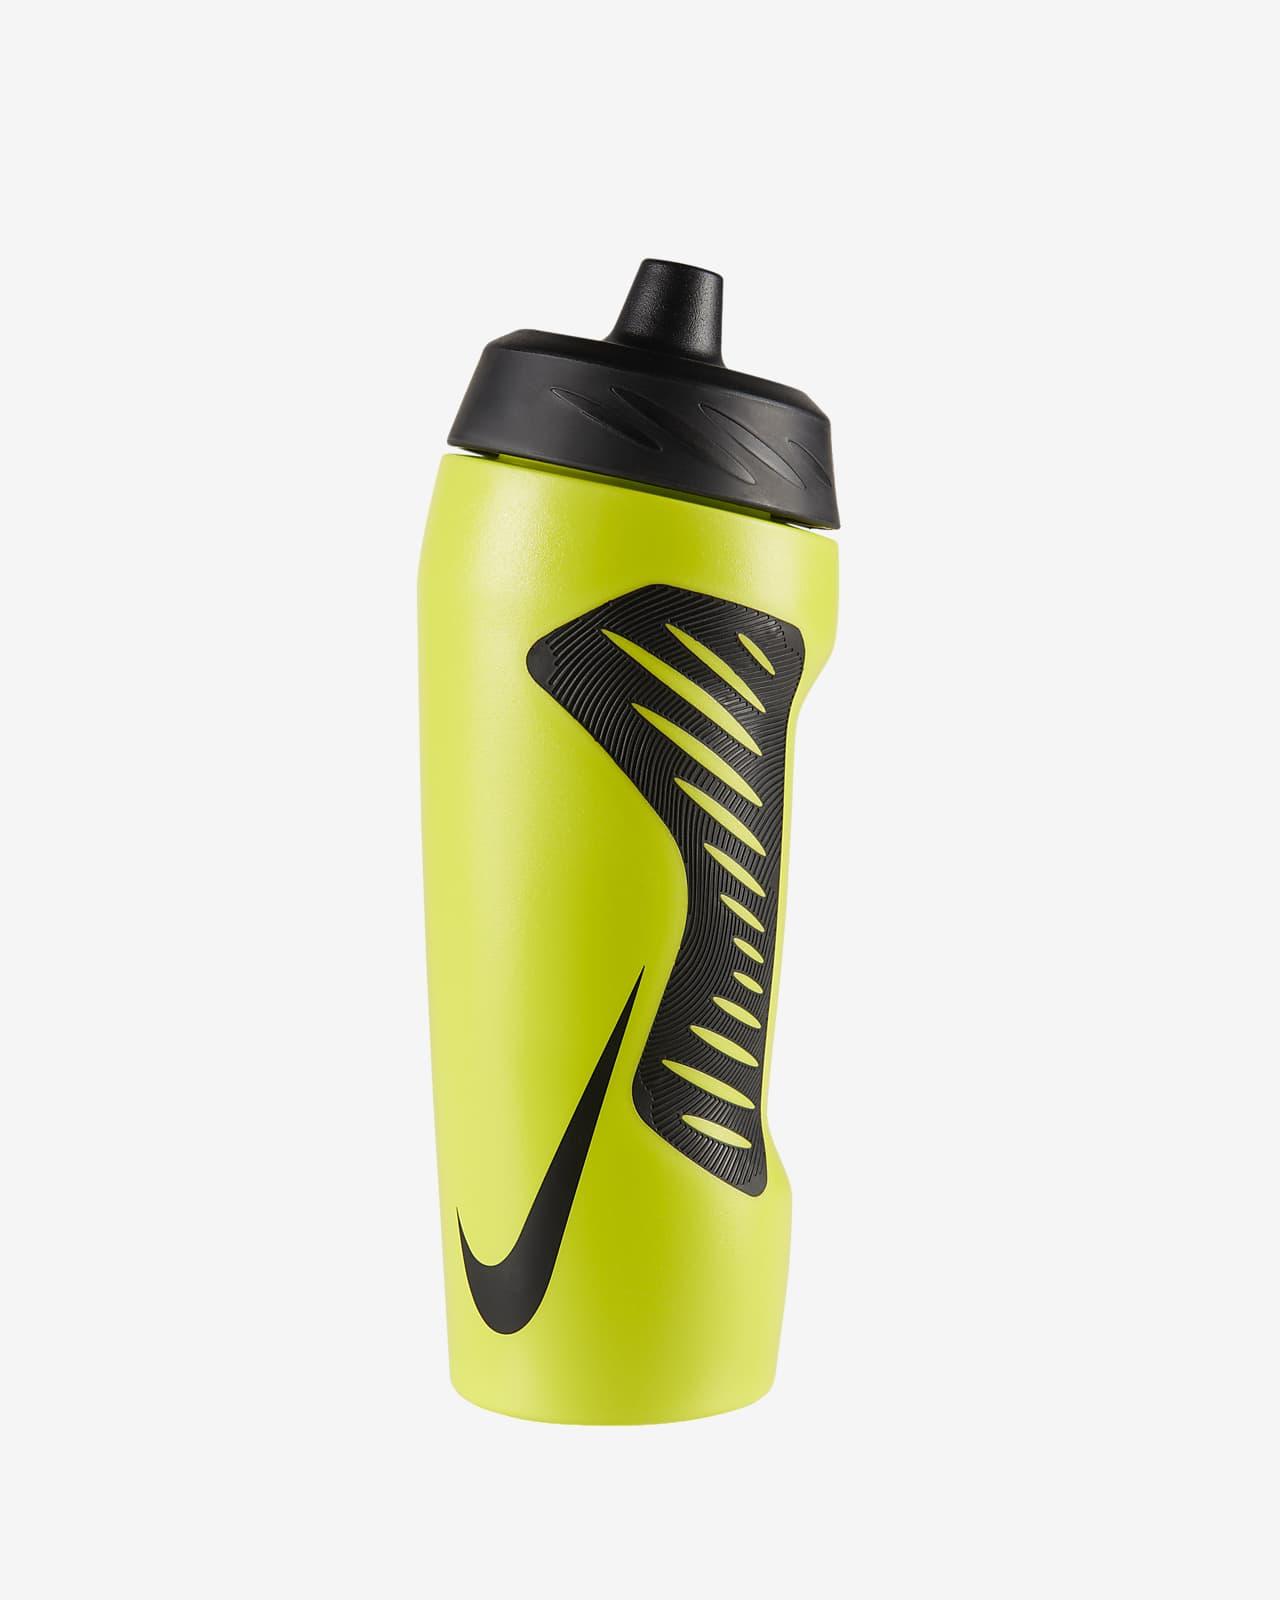 Nike 532ml (approx.) HyperFuel Water Bottle